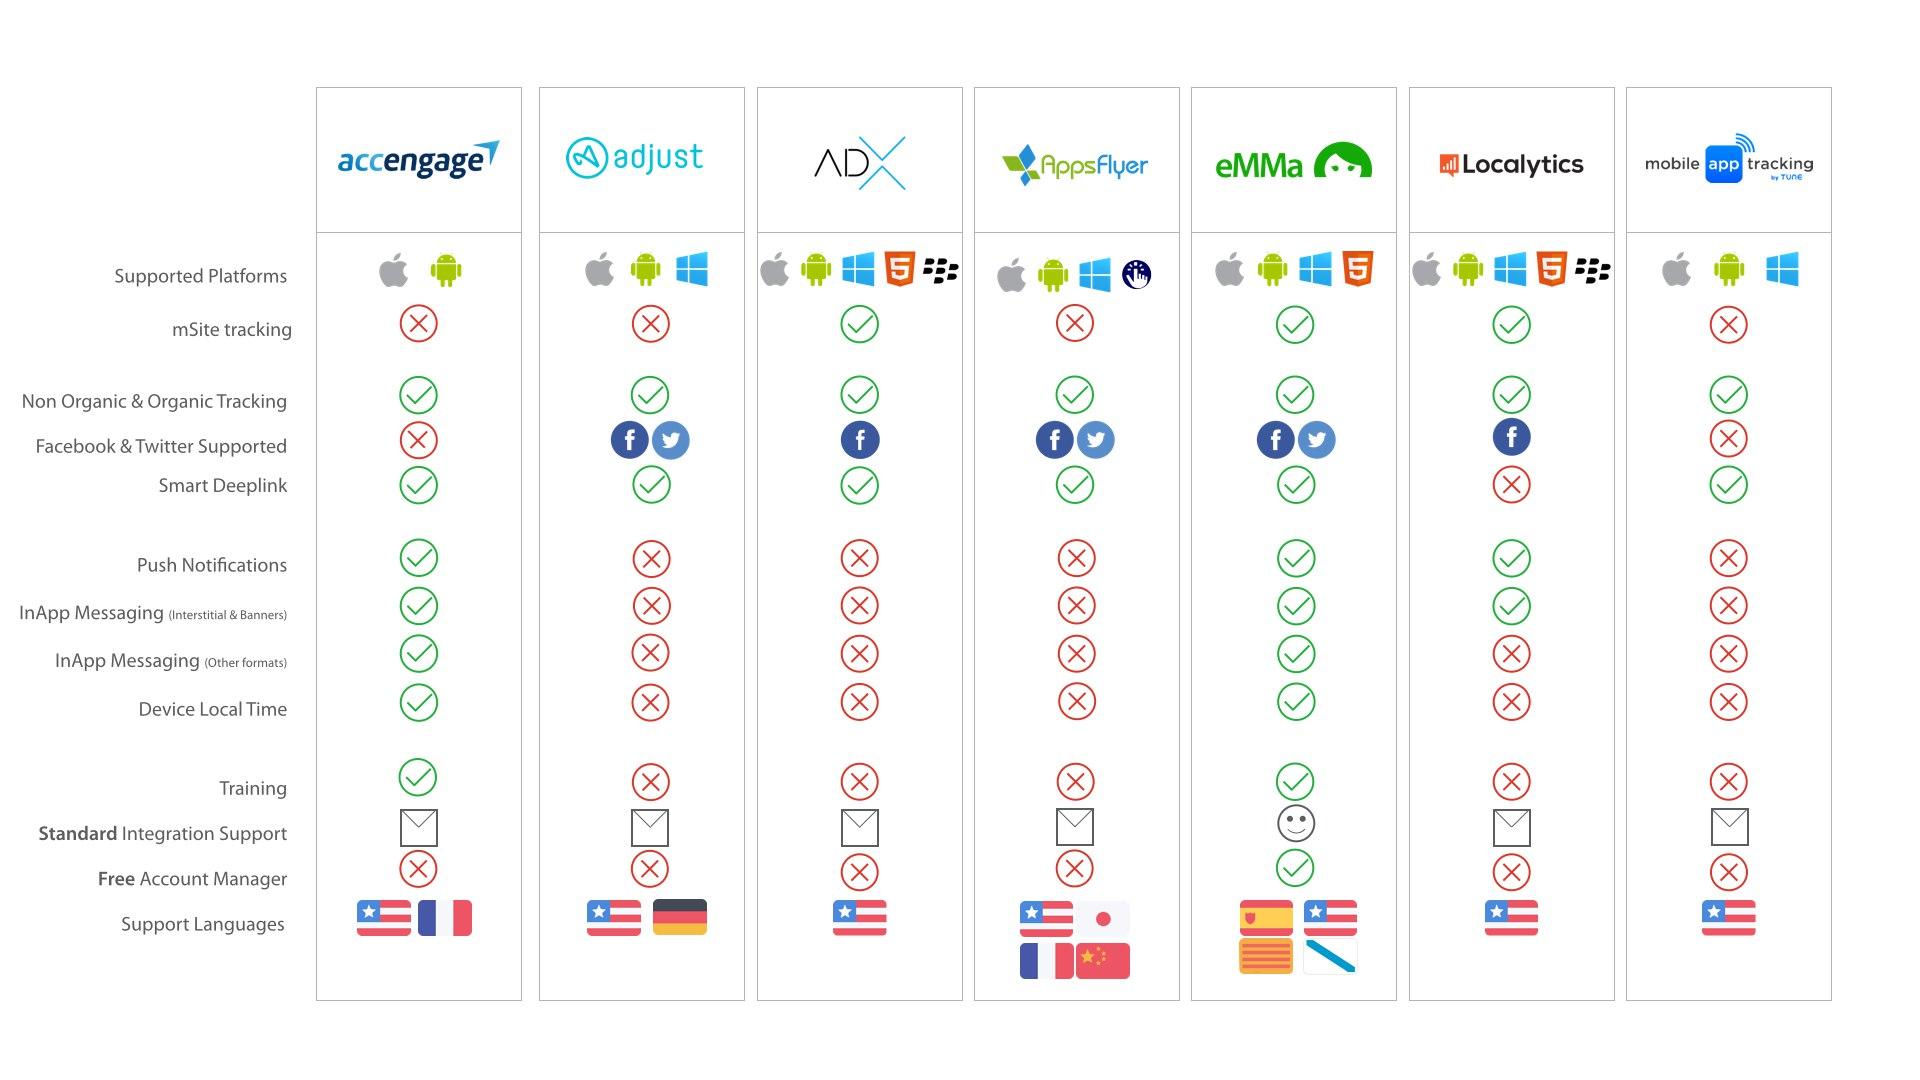 Infografía sobre herramientas de mobile tracking versión 7/08/15